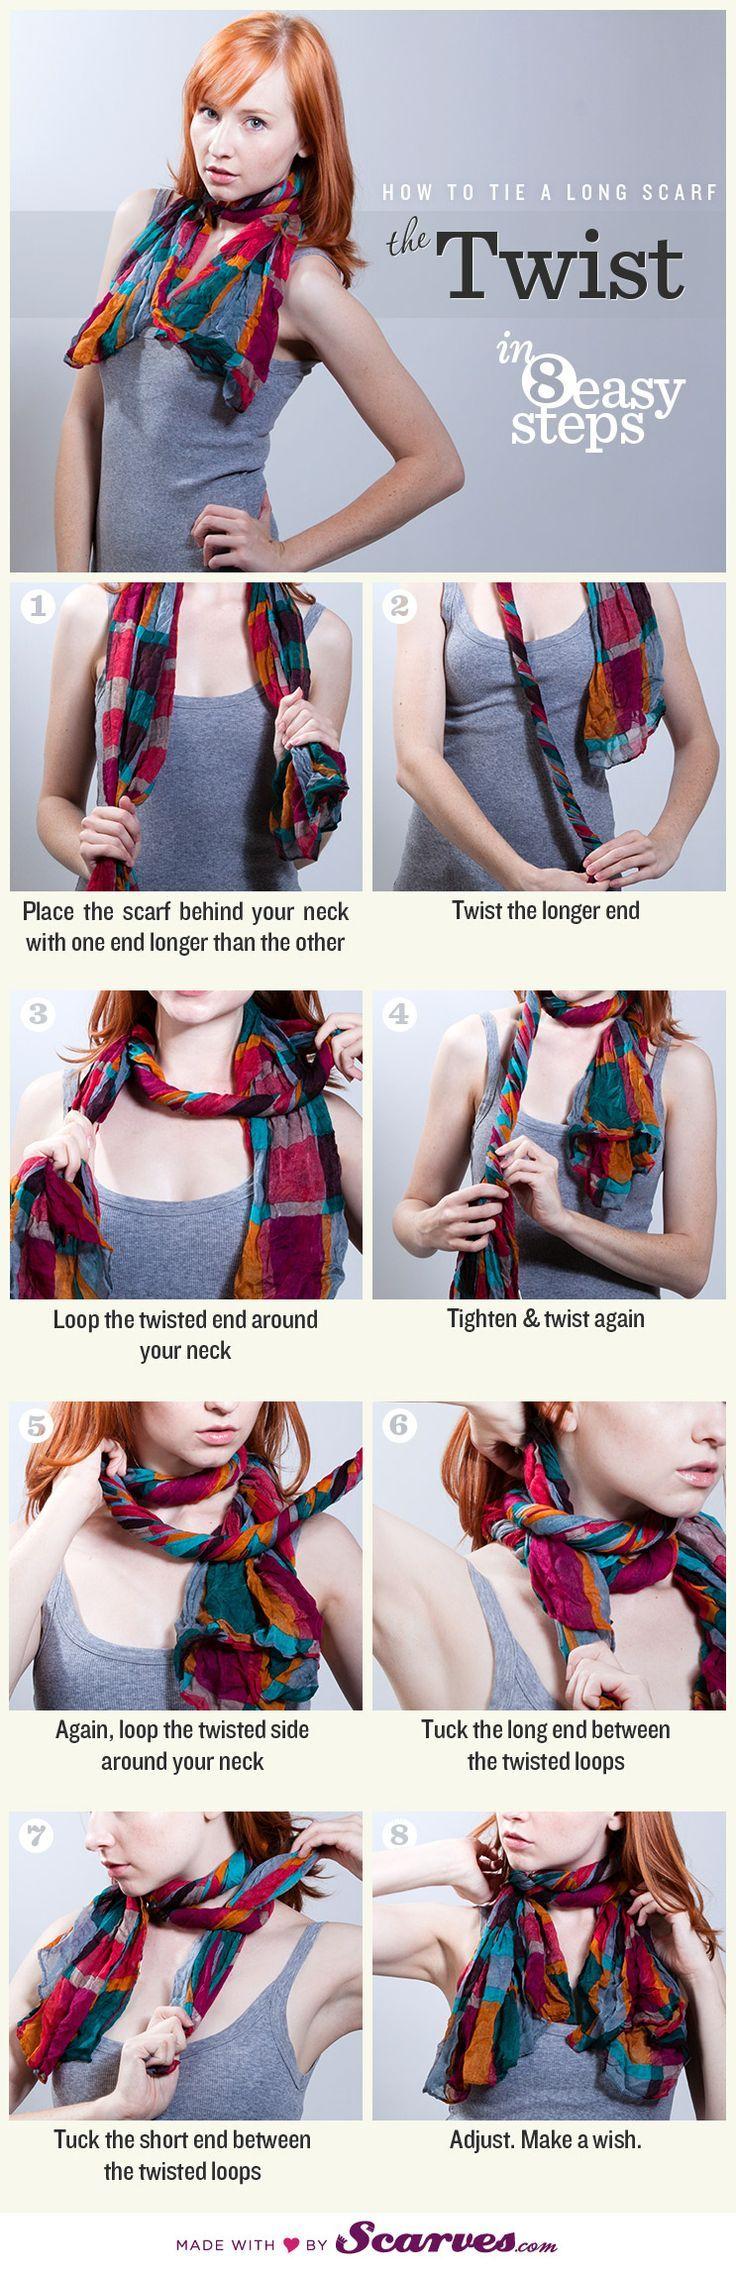 Conseils fashion comment porter un grand foulard, mettre un large foulard oversize de grand format autour de son cou enroulée façon bohème, chic ou gipsy,